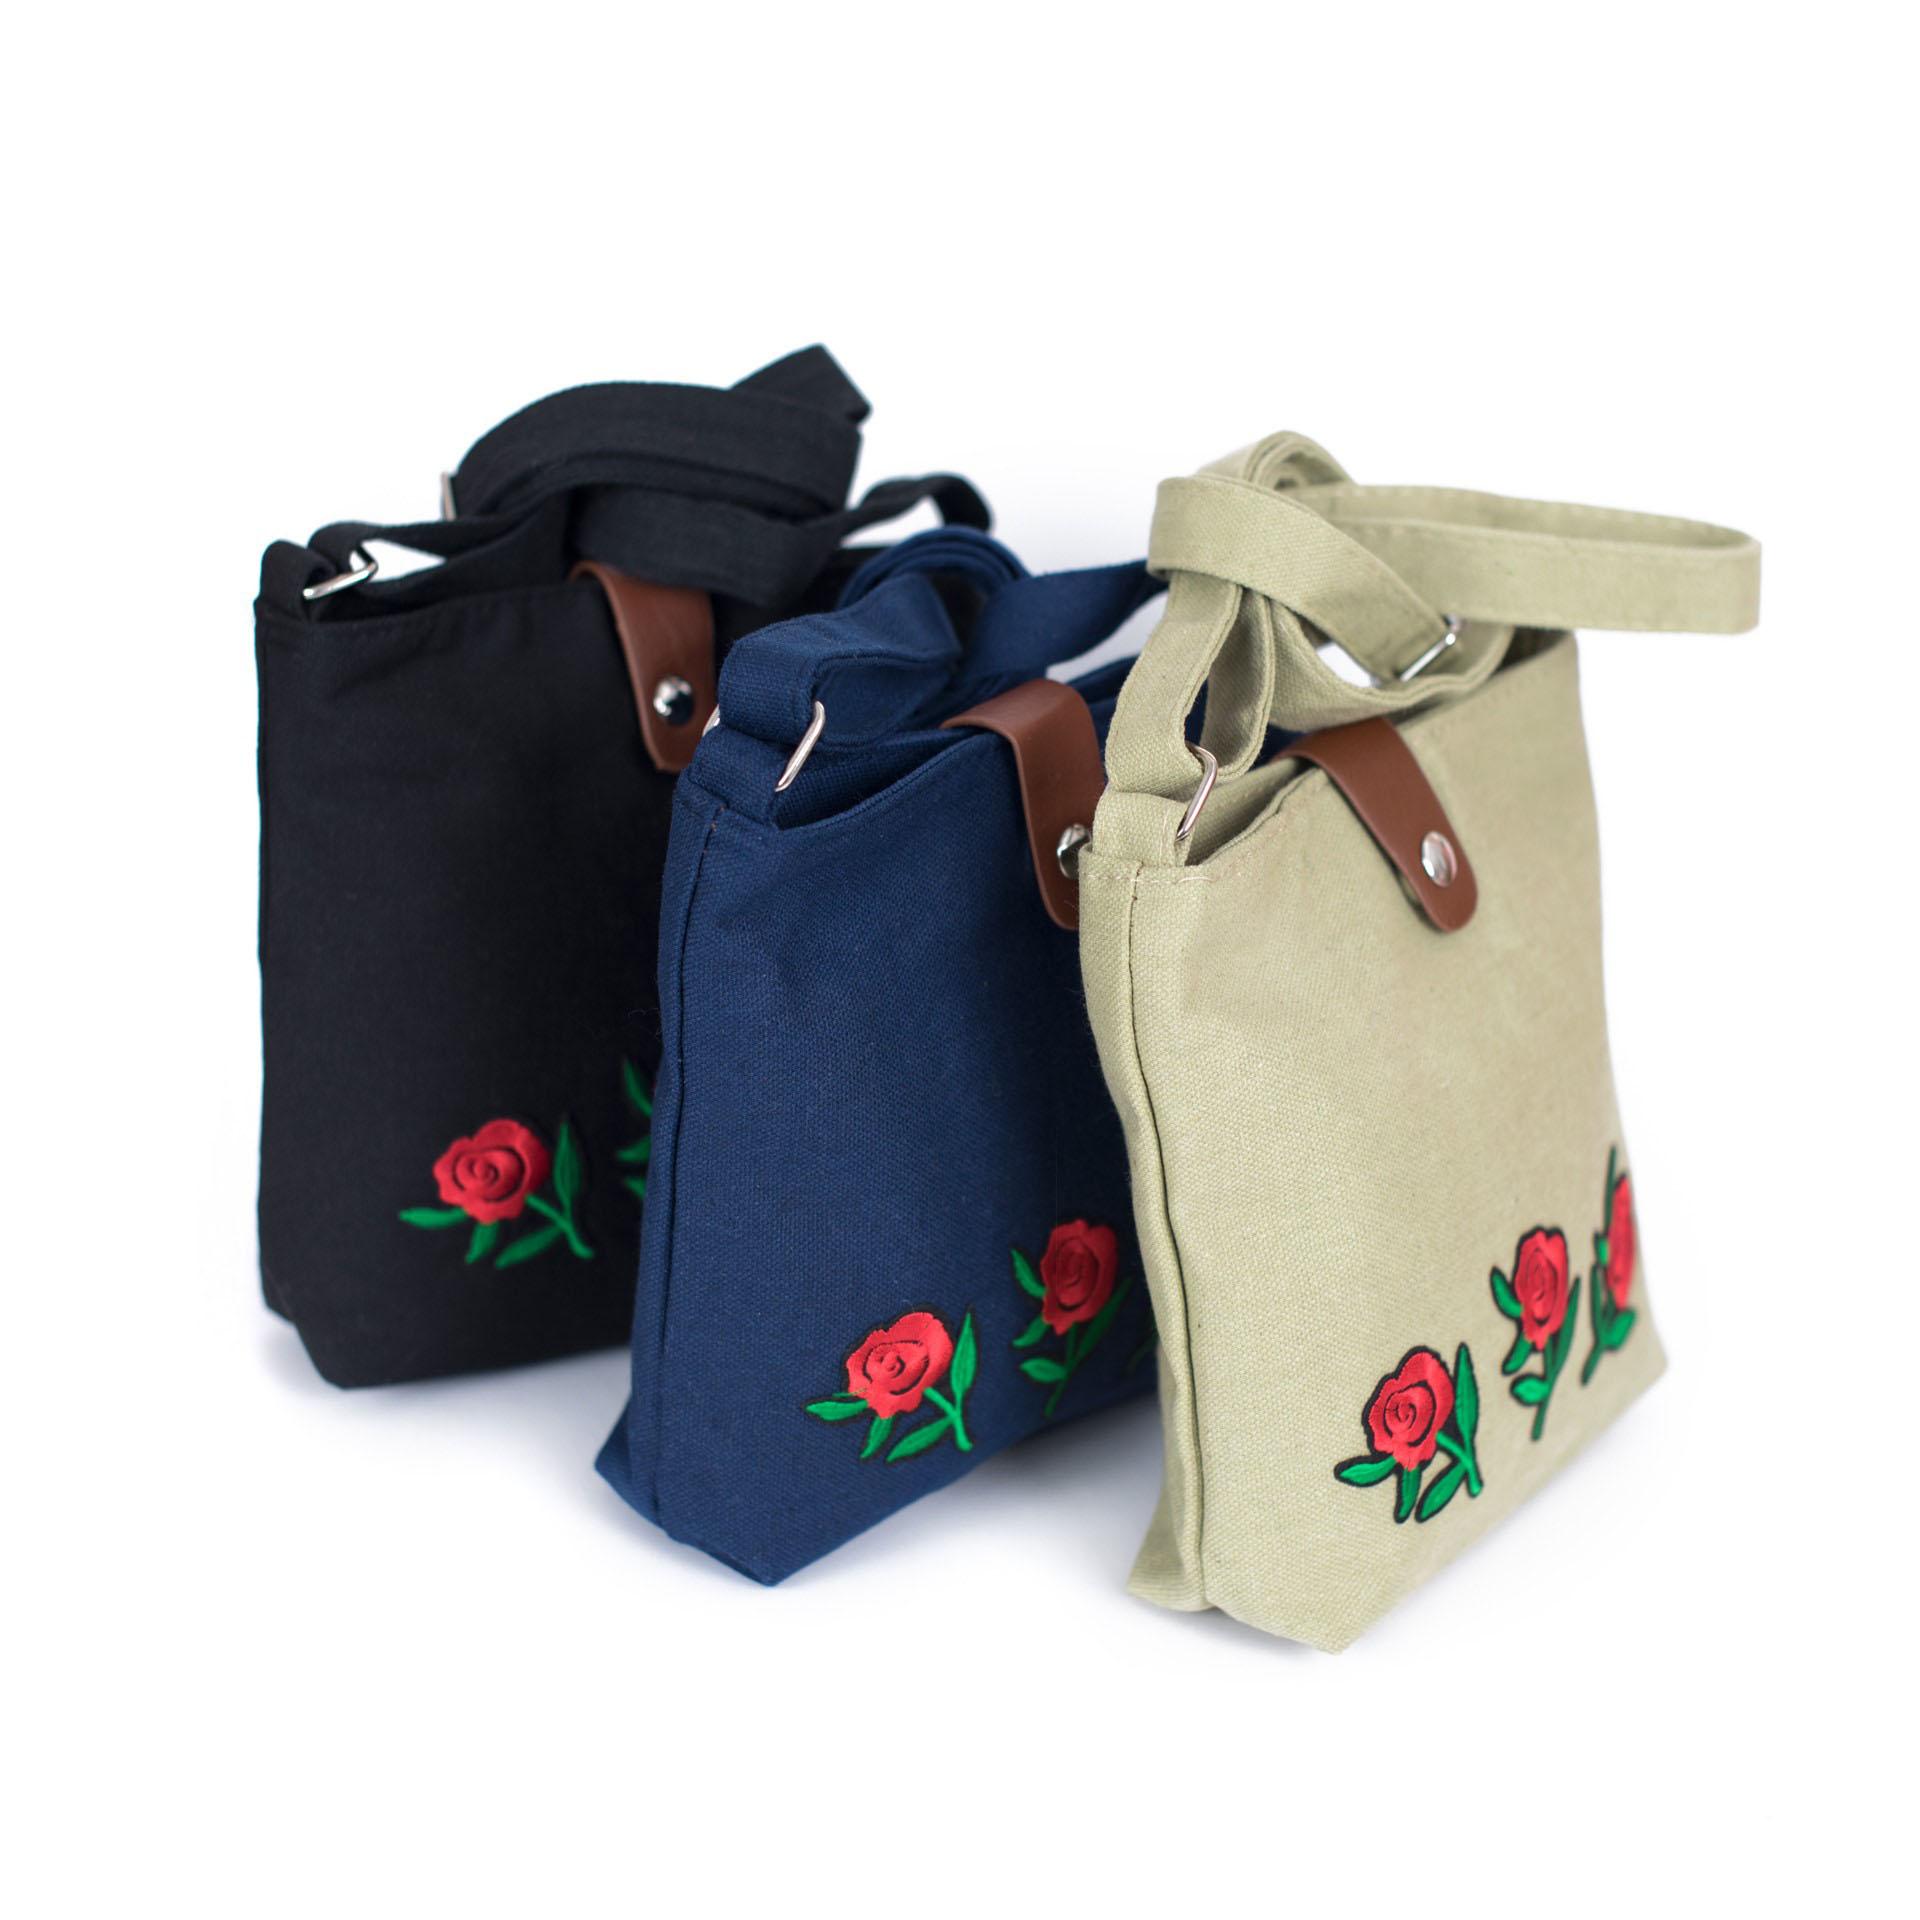 5682f8d72a Kompletné špecifikácie. Malá praktická vyšívaná taška ...